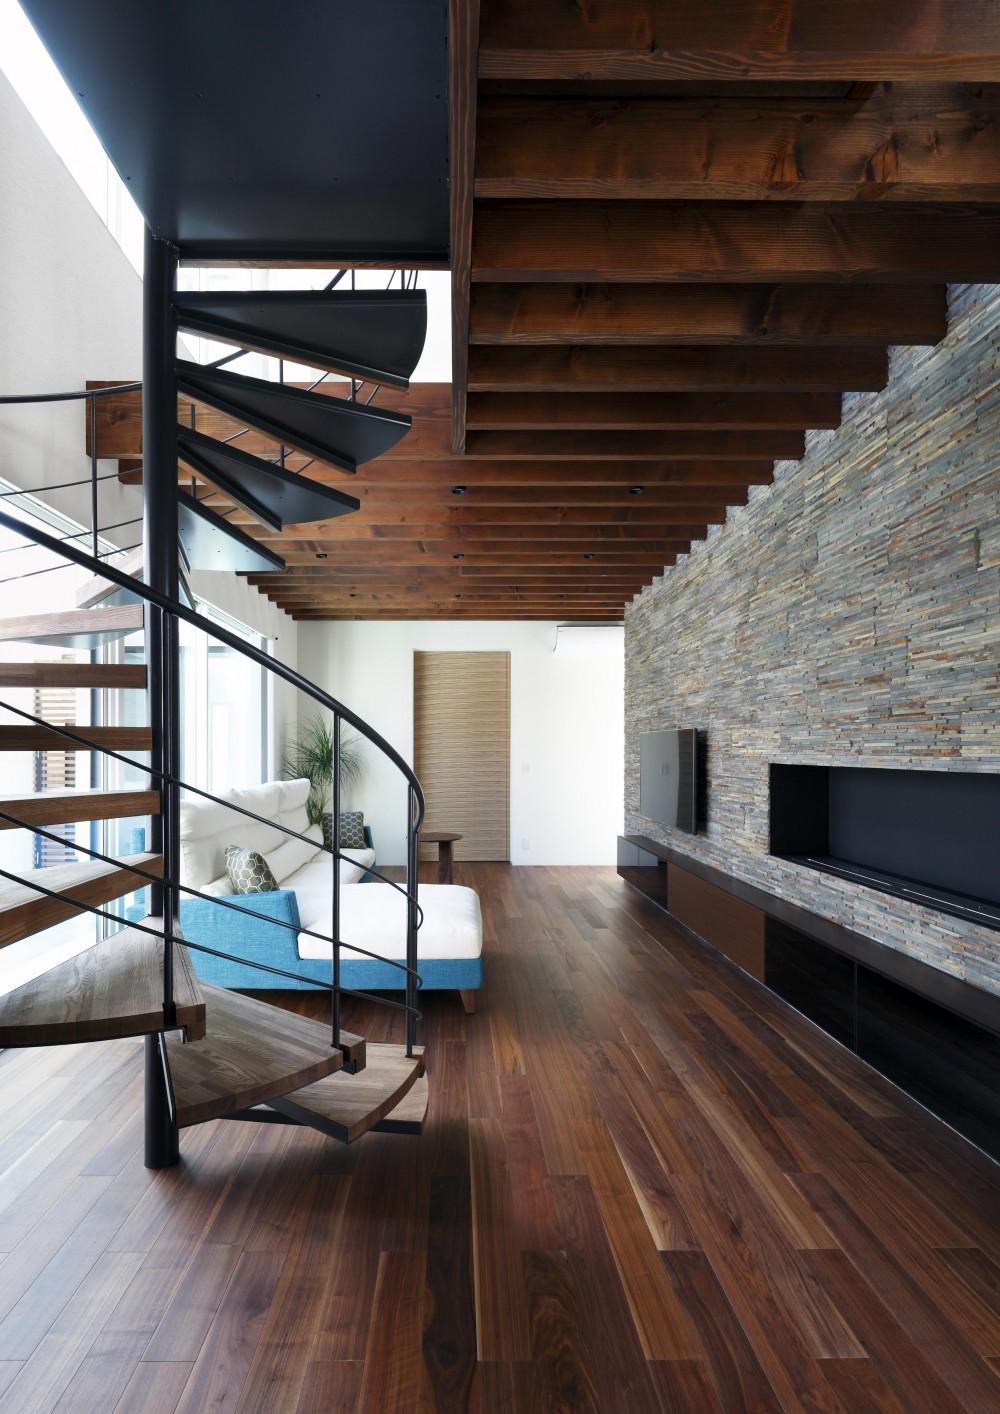 木漏れ日のプールサイドハウス (螺旋階段と暖炉のあるリビング)